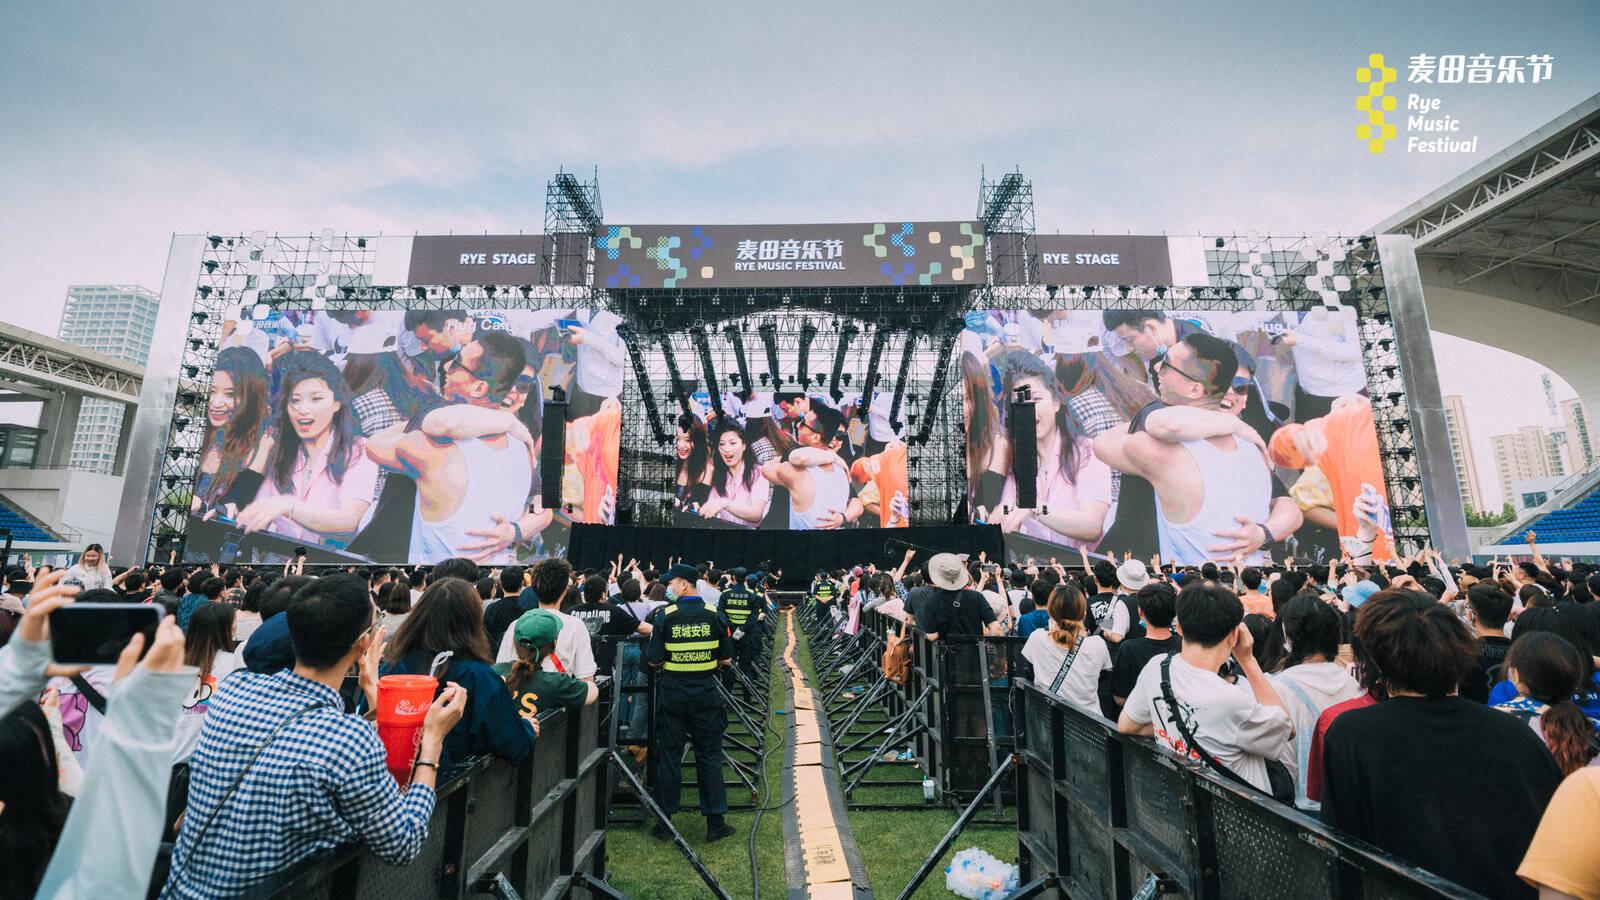 青岛麦田音乐节嗨唱 即墨乐都音乐谷燃起最潮音